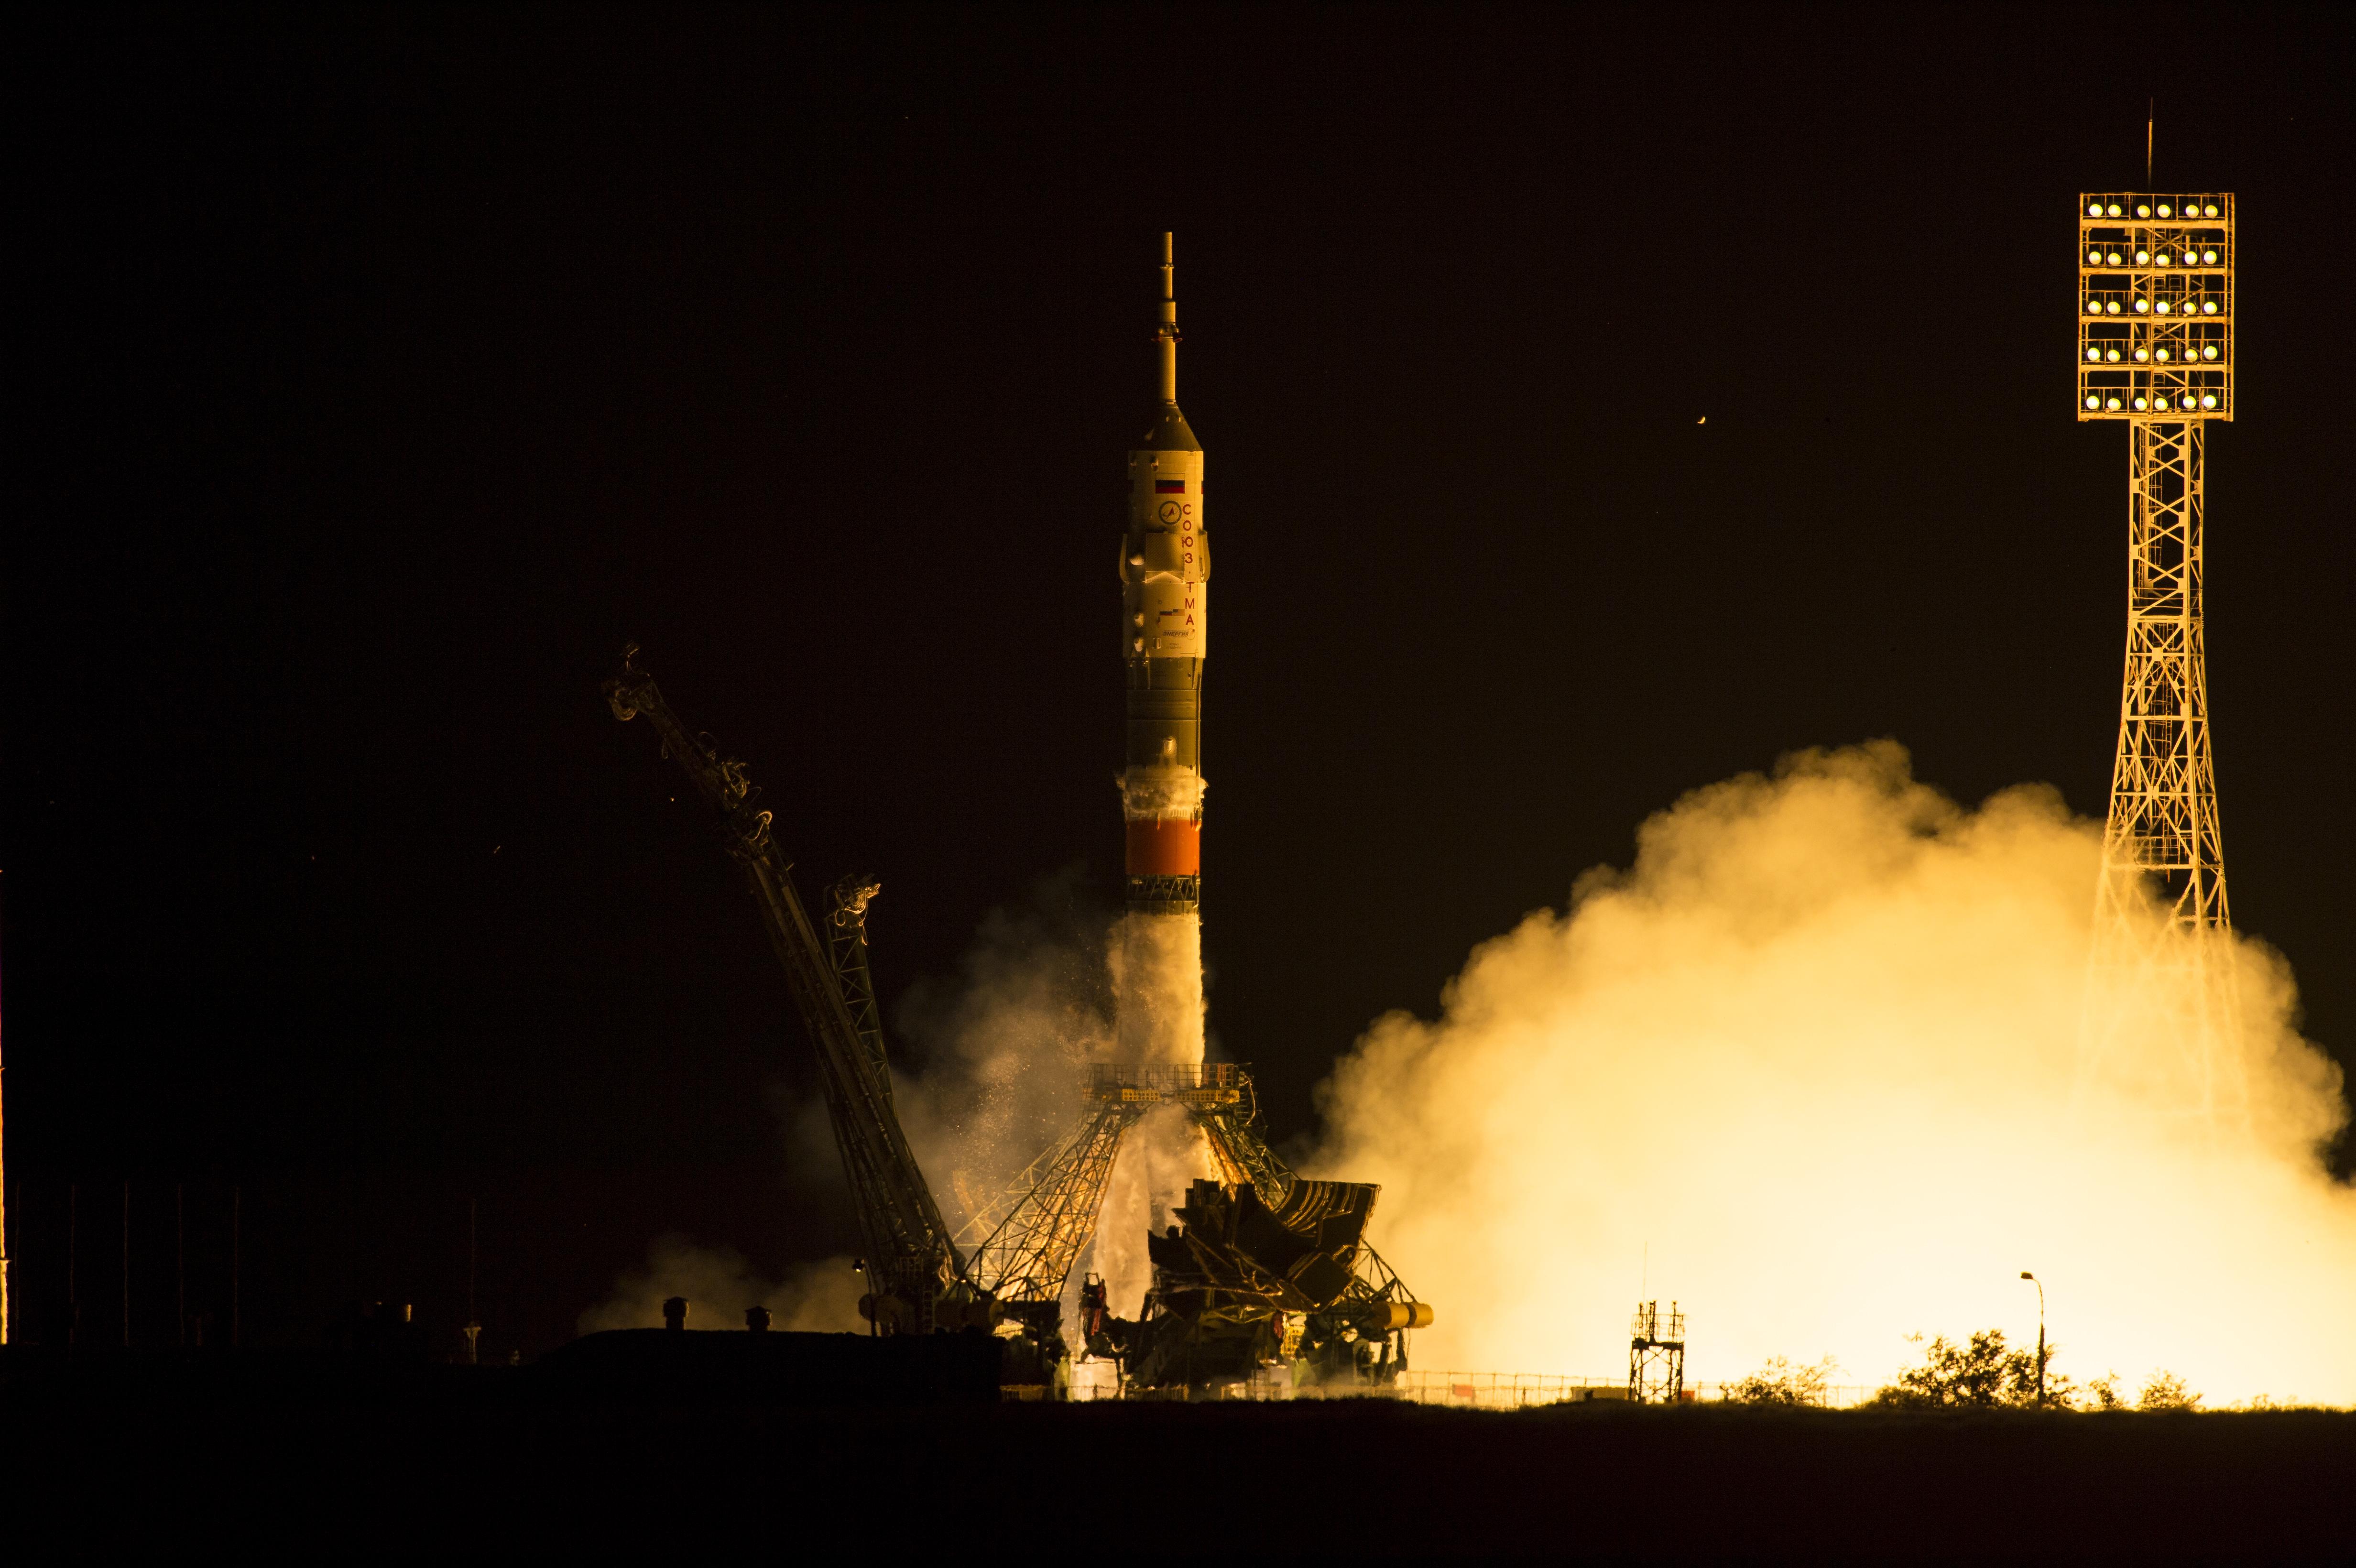 nasa rocket station - photo #18